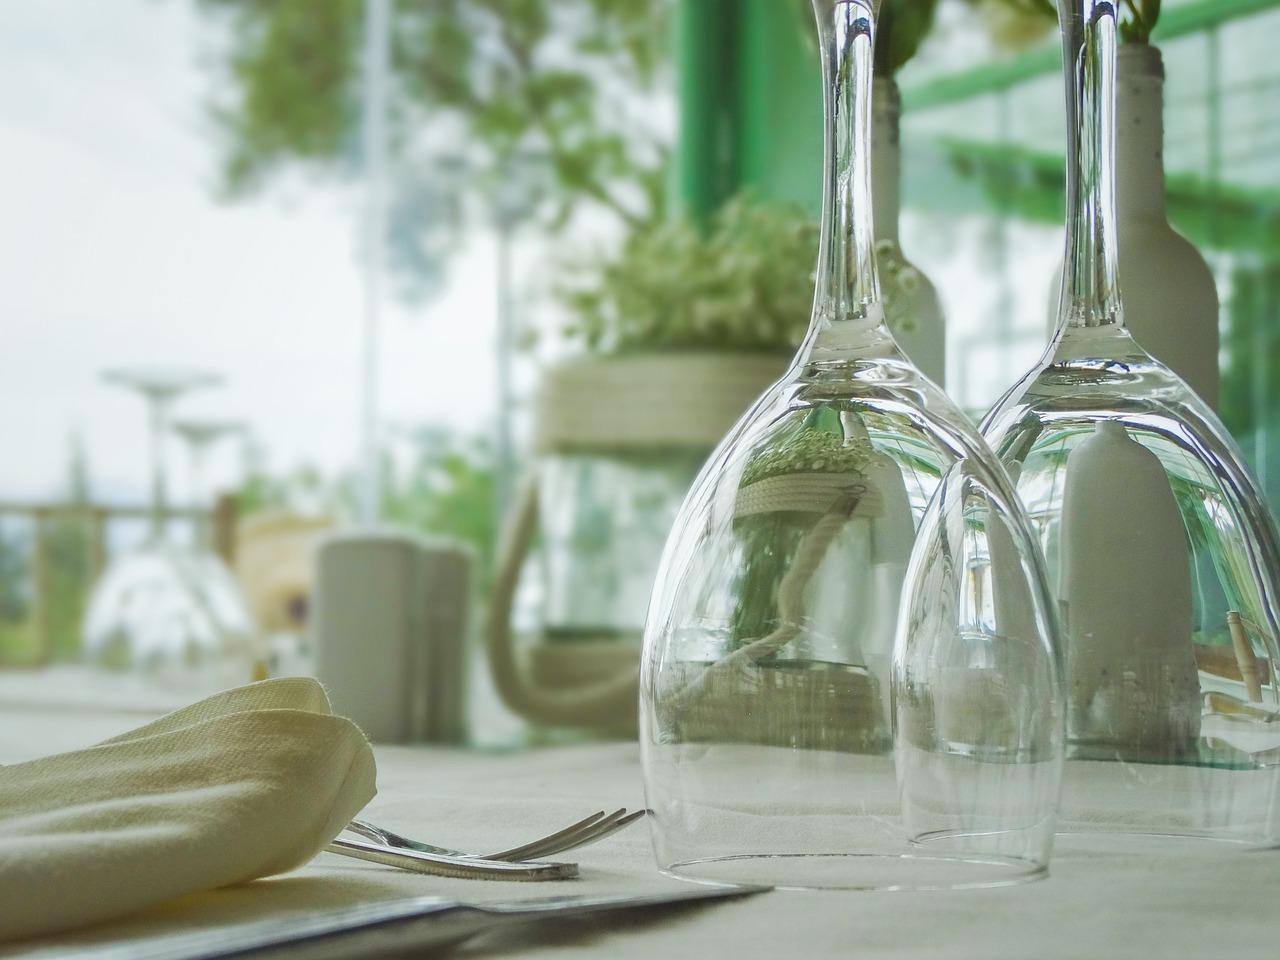 ¿Te gustaría conocer la calificación de higiene de los bares y restaurantes donde comes?